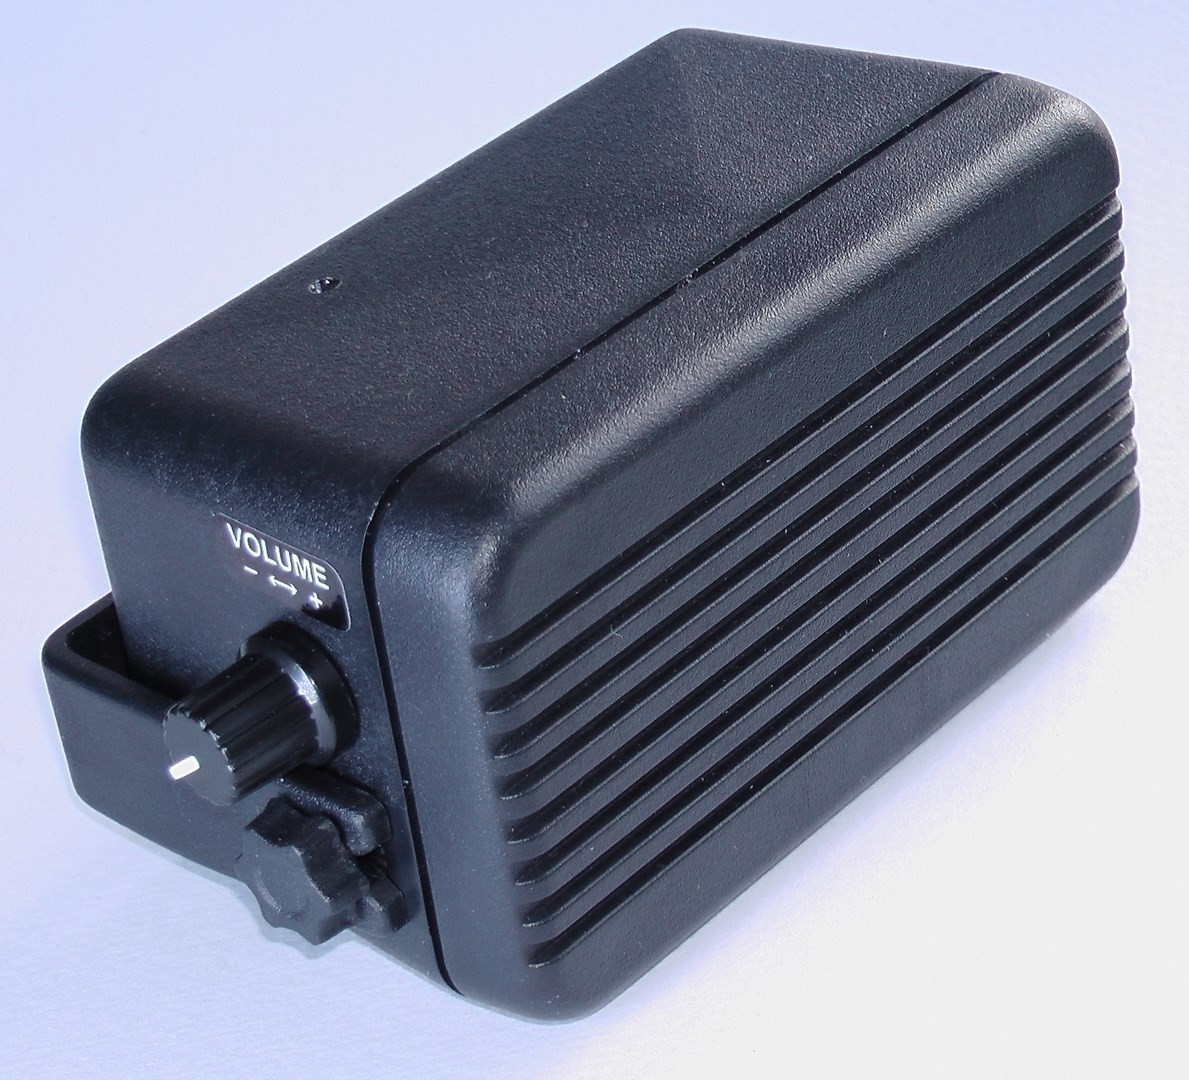 Потужний генератор речеподобного шуму Voice Noice 4M 1 для захисту від прослуховування жучками і запису на диктофони